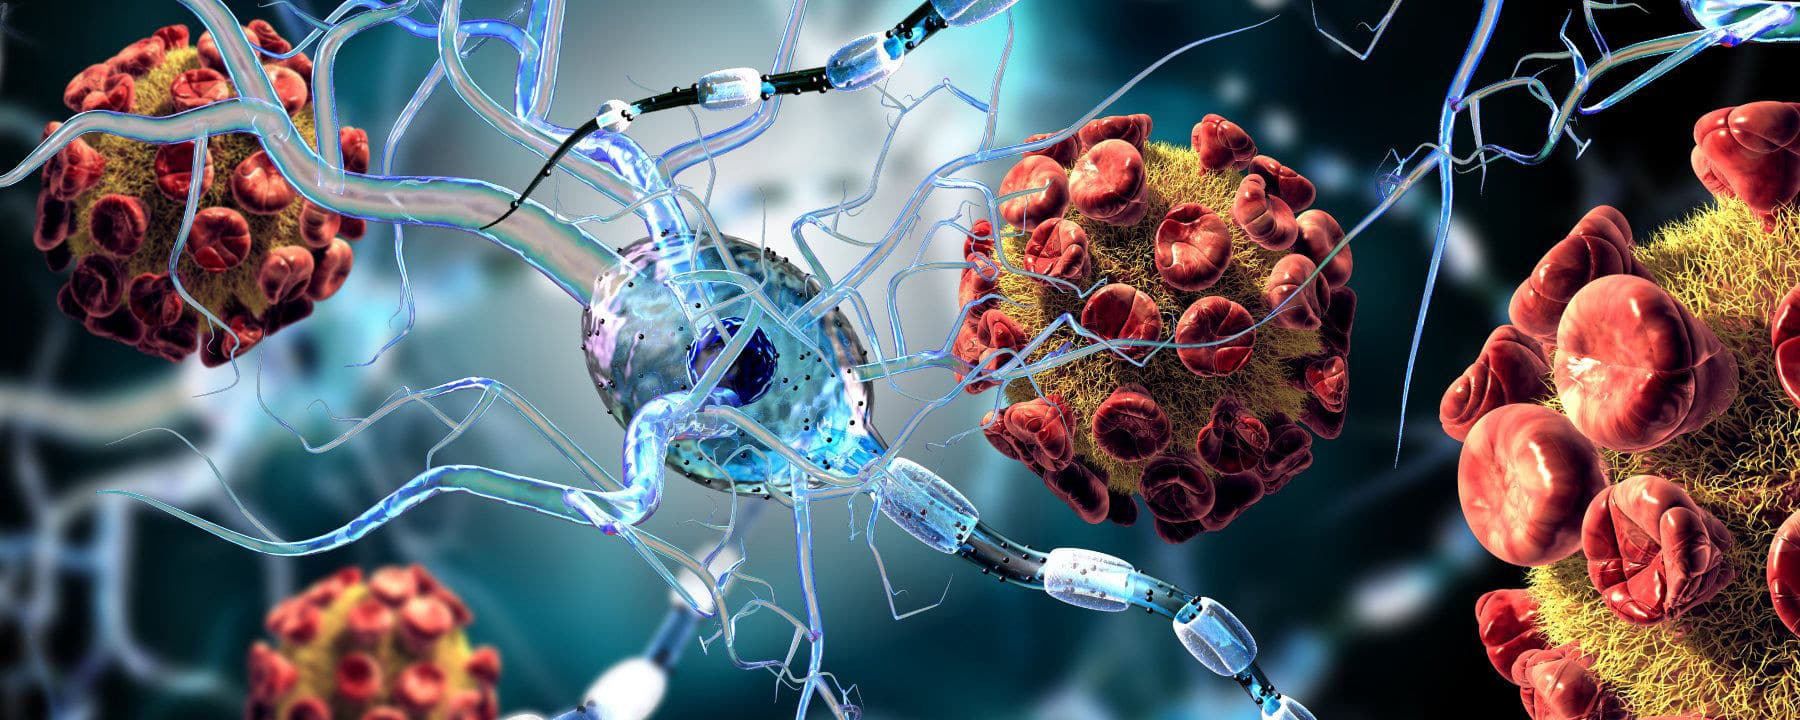 Pérdida del olfato y gusto en pacientes de COVID-19 podría indicar que el objetivo del virus es el cerebro